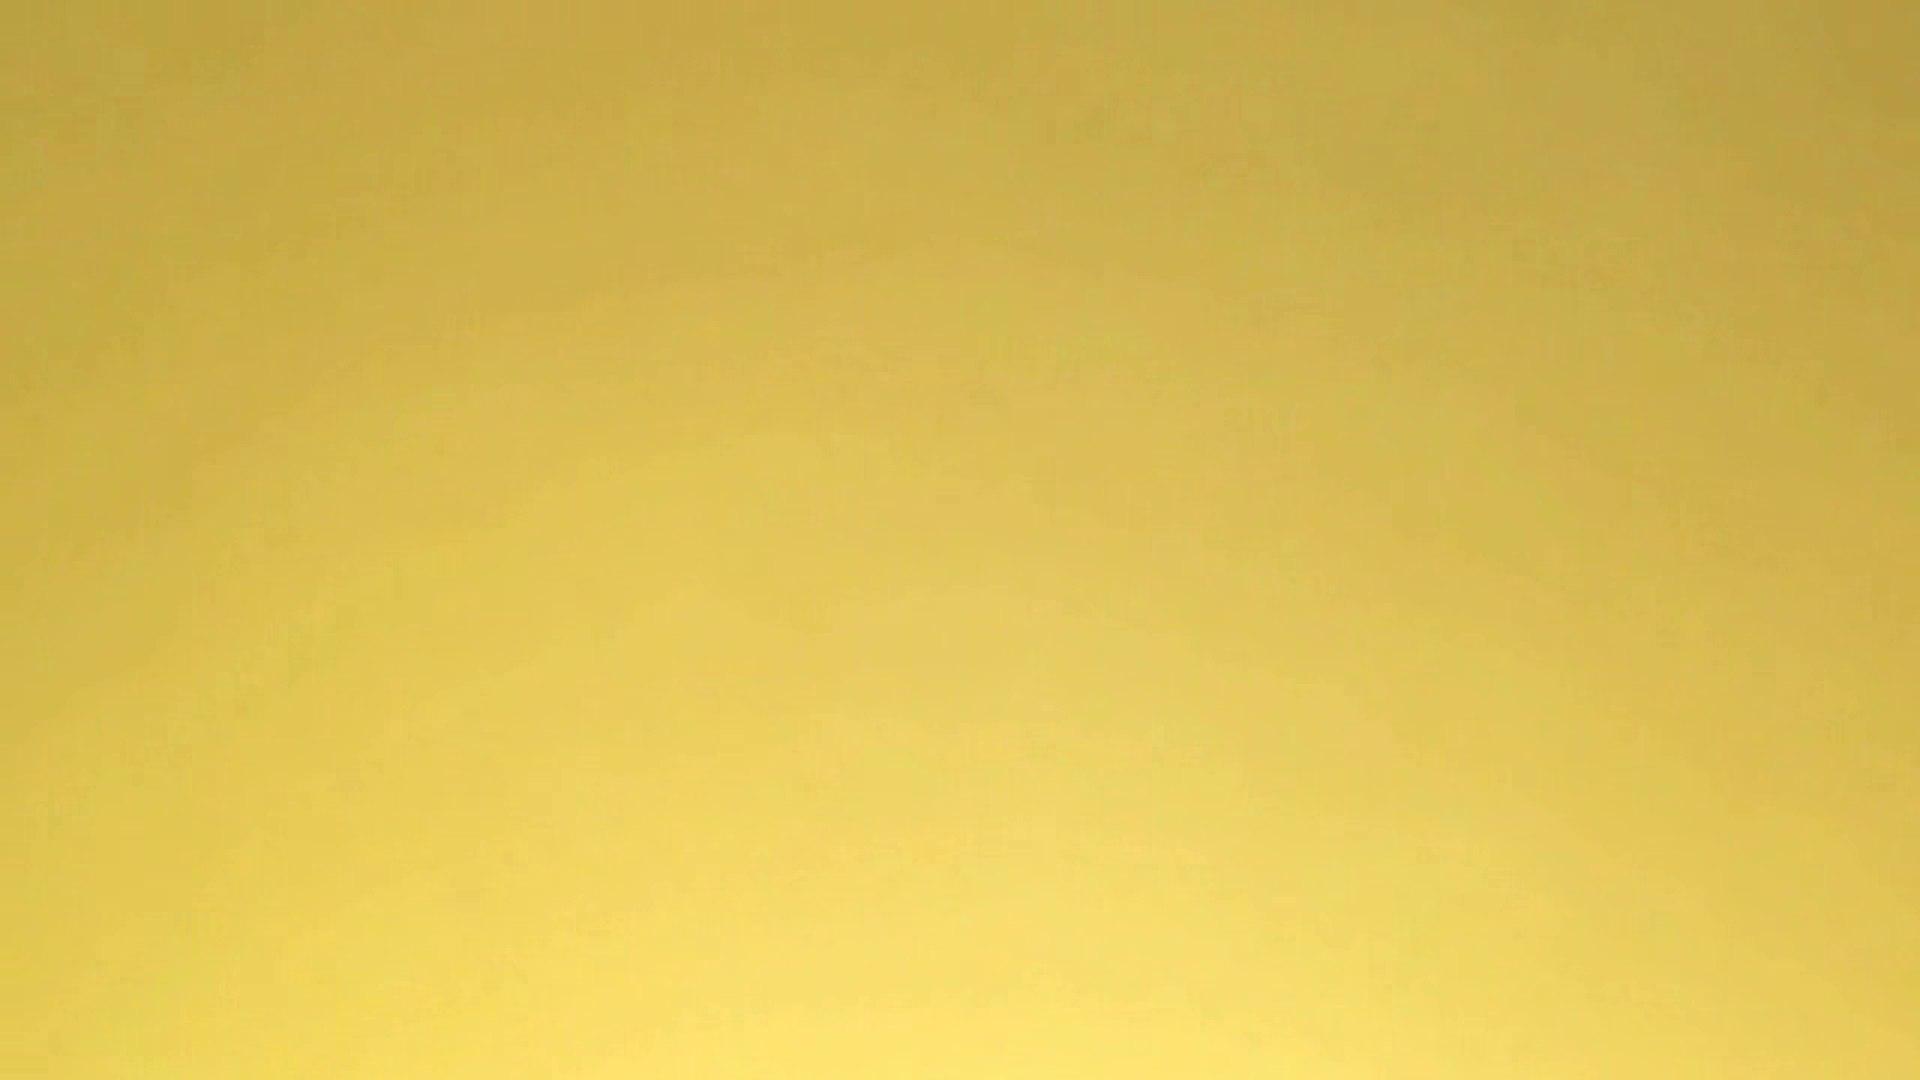 ドラゴン2世 チャラ男の個人撮影 Vol.06 超かわいい彼女 ゆいか 18才 Part.03 ついにハメ撮り エロい美少女 オメコ無修正動画無料 78PIX 12